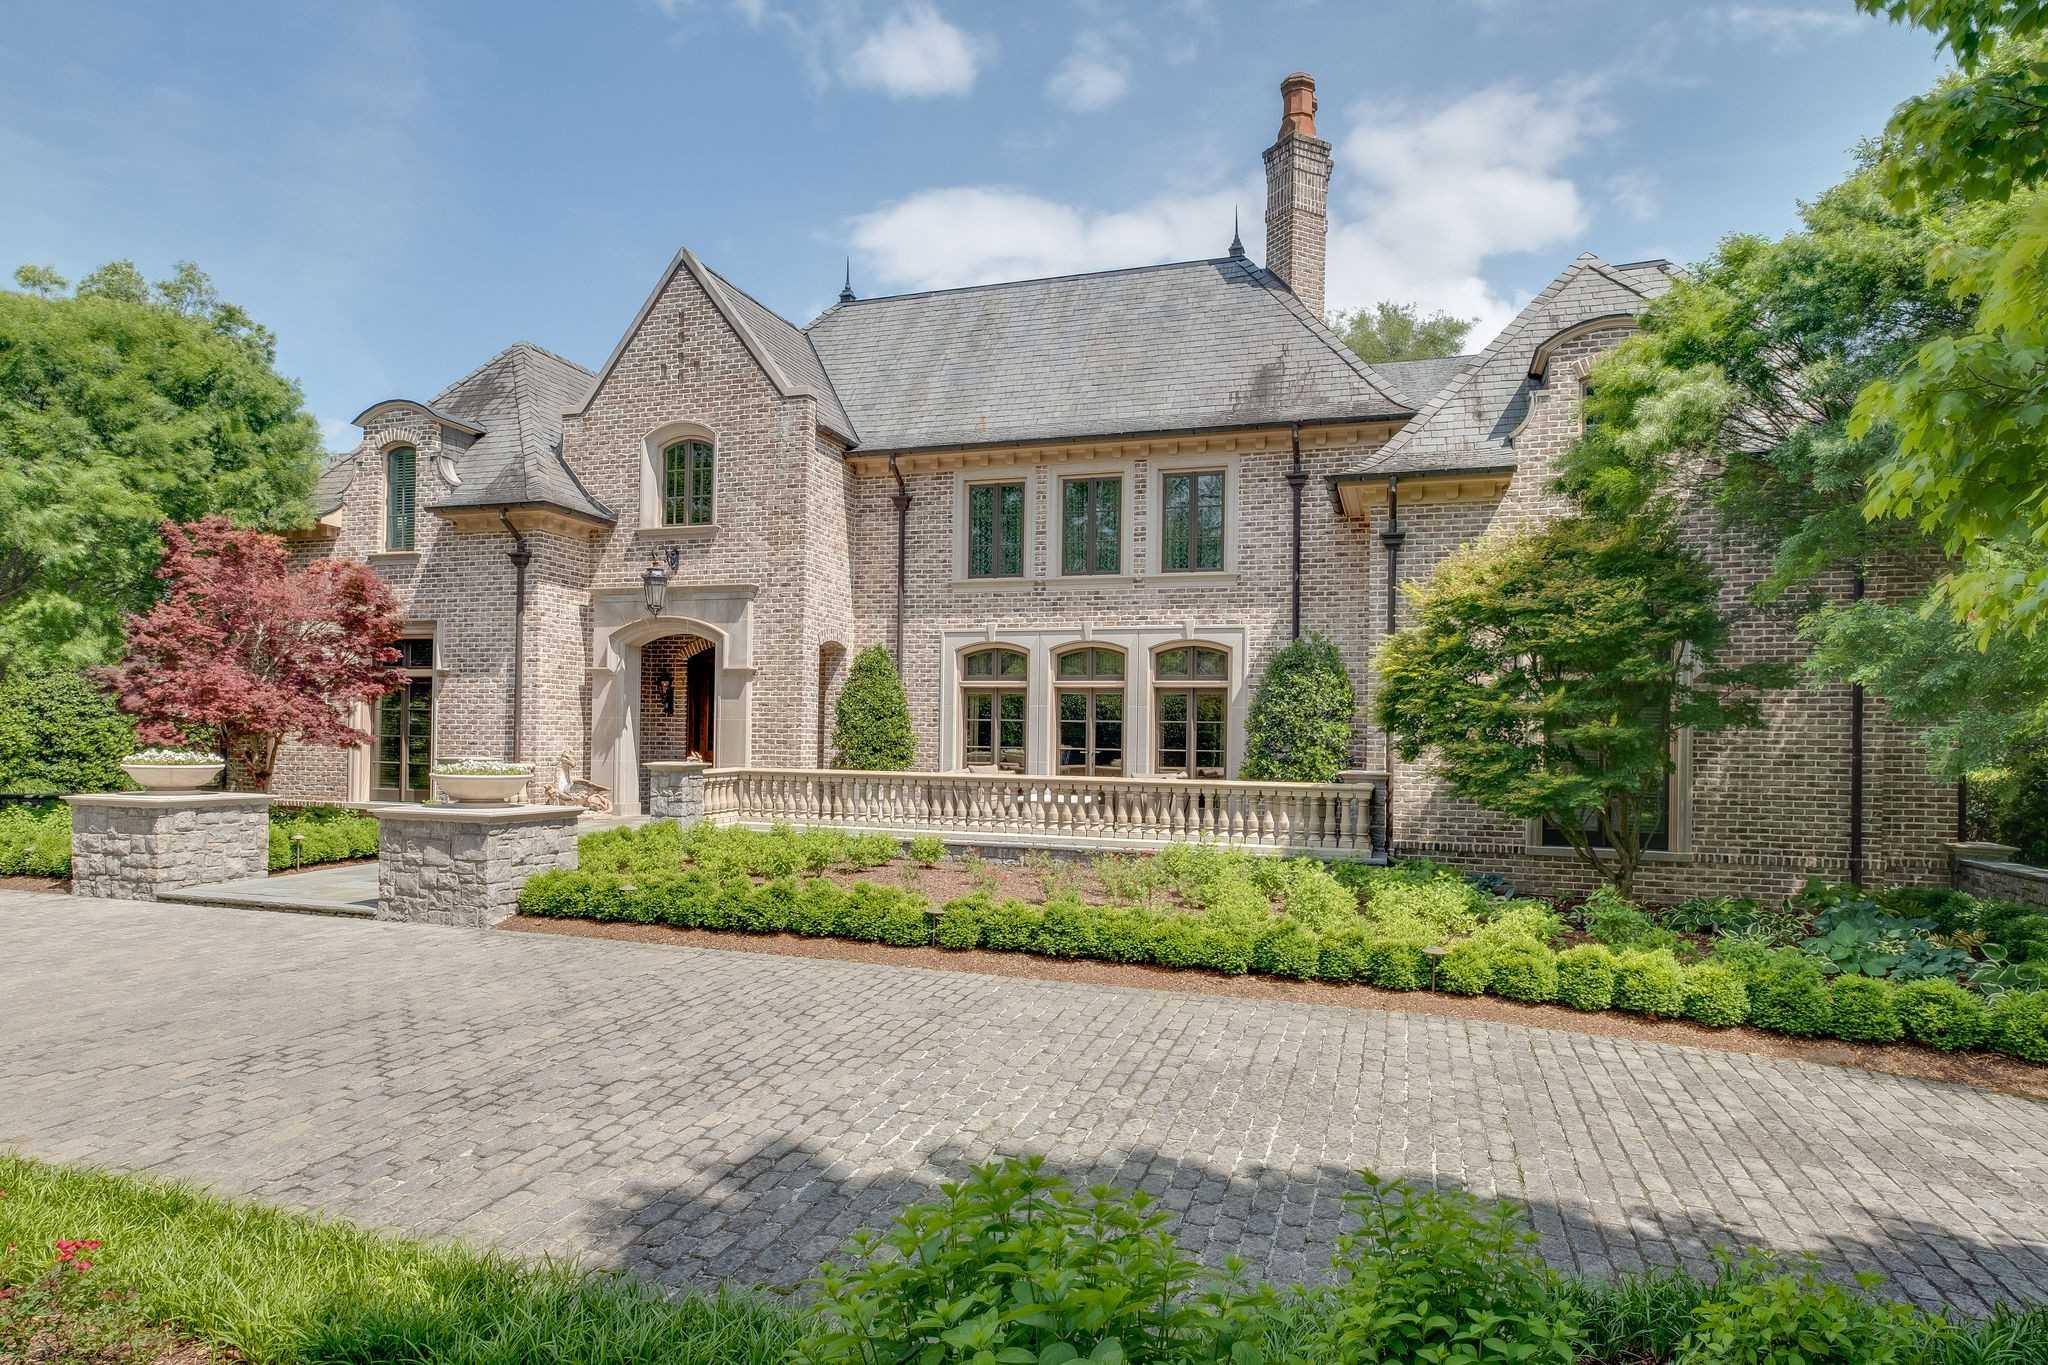 $5,995,000 - 6Br/7Ba -  for Sale in Belle Meade, Nashville